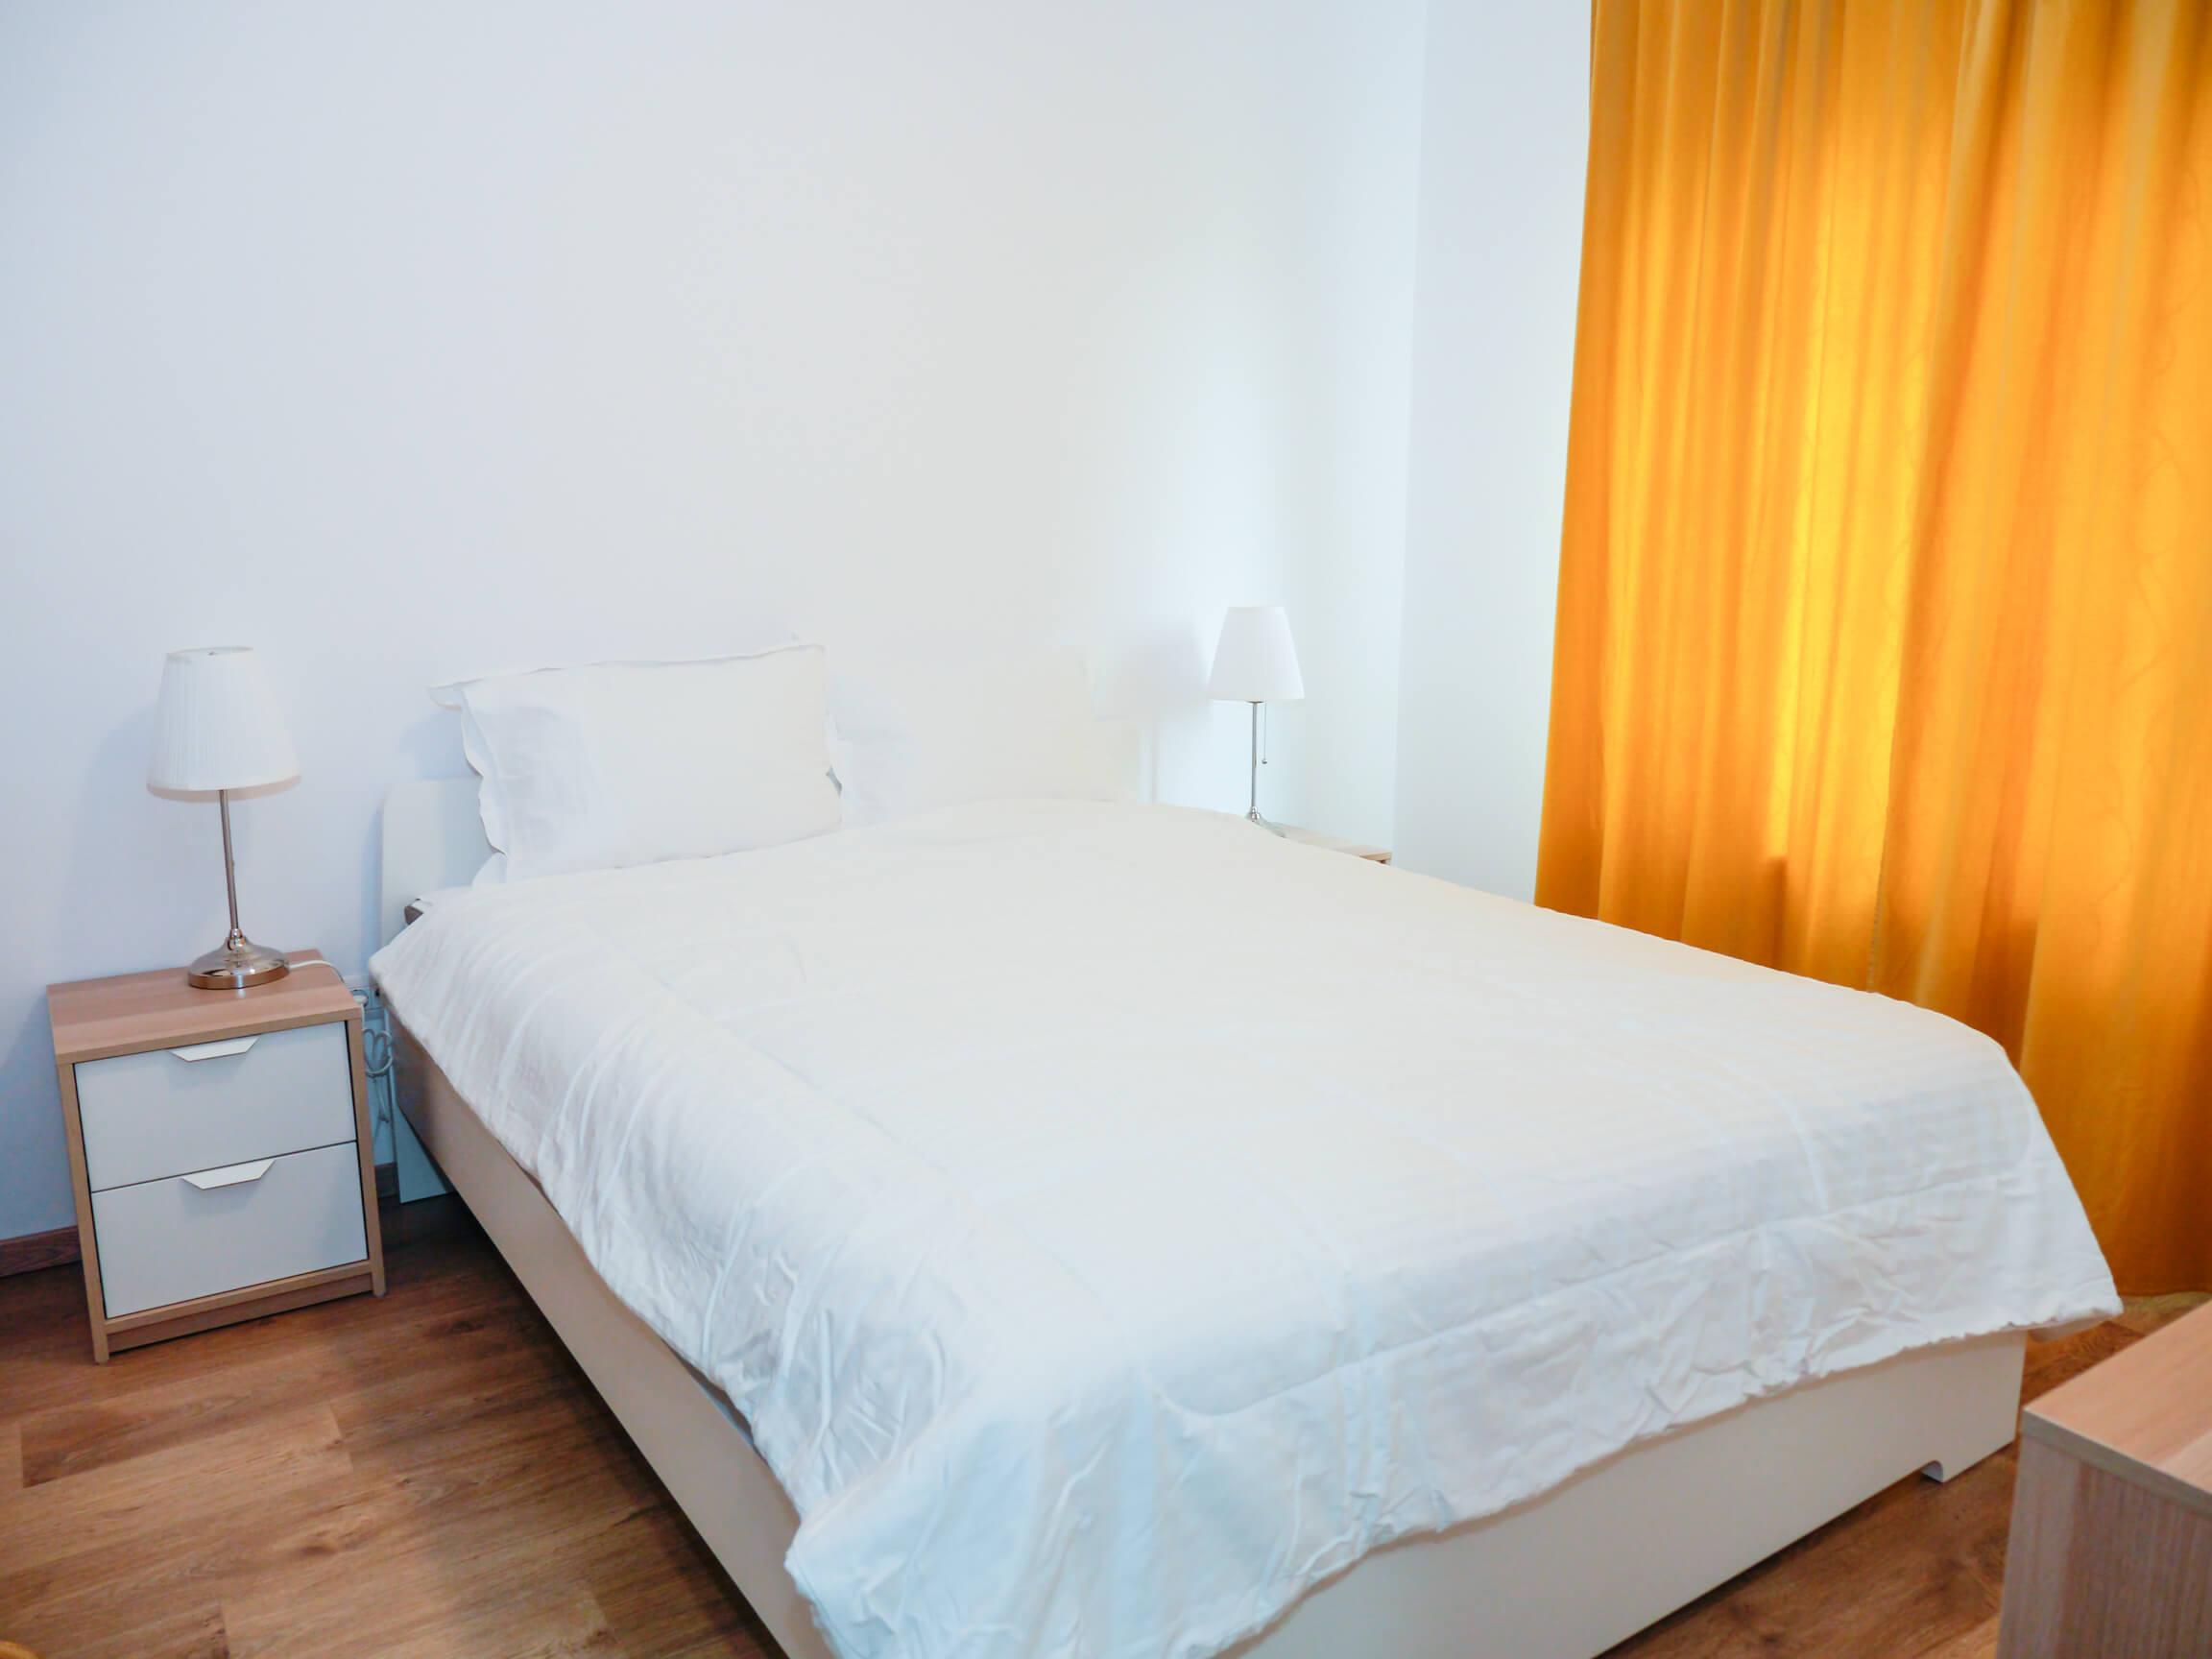 Clement Apartments - apartamente de inchiriat in regim hotelier - cazare neamt - cazare piatra neamt - apartament 6 (1)